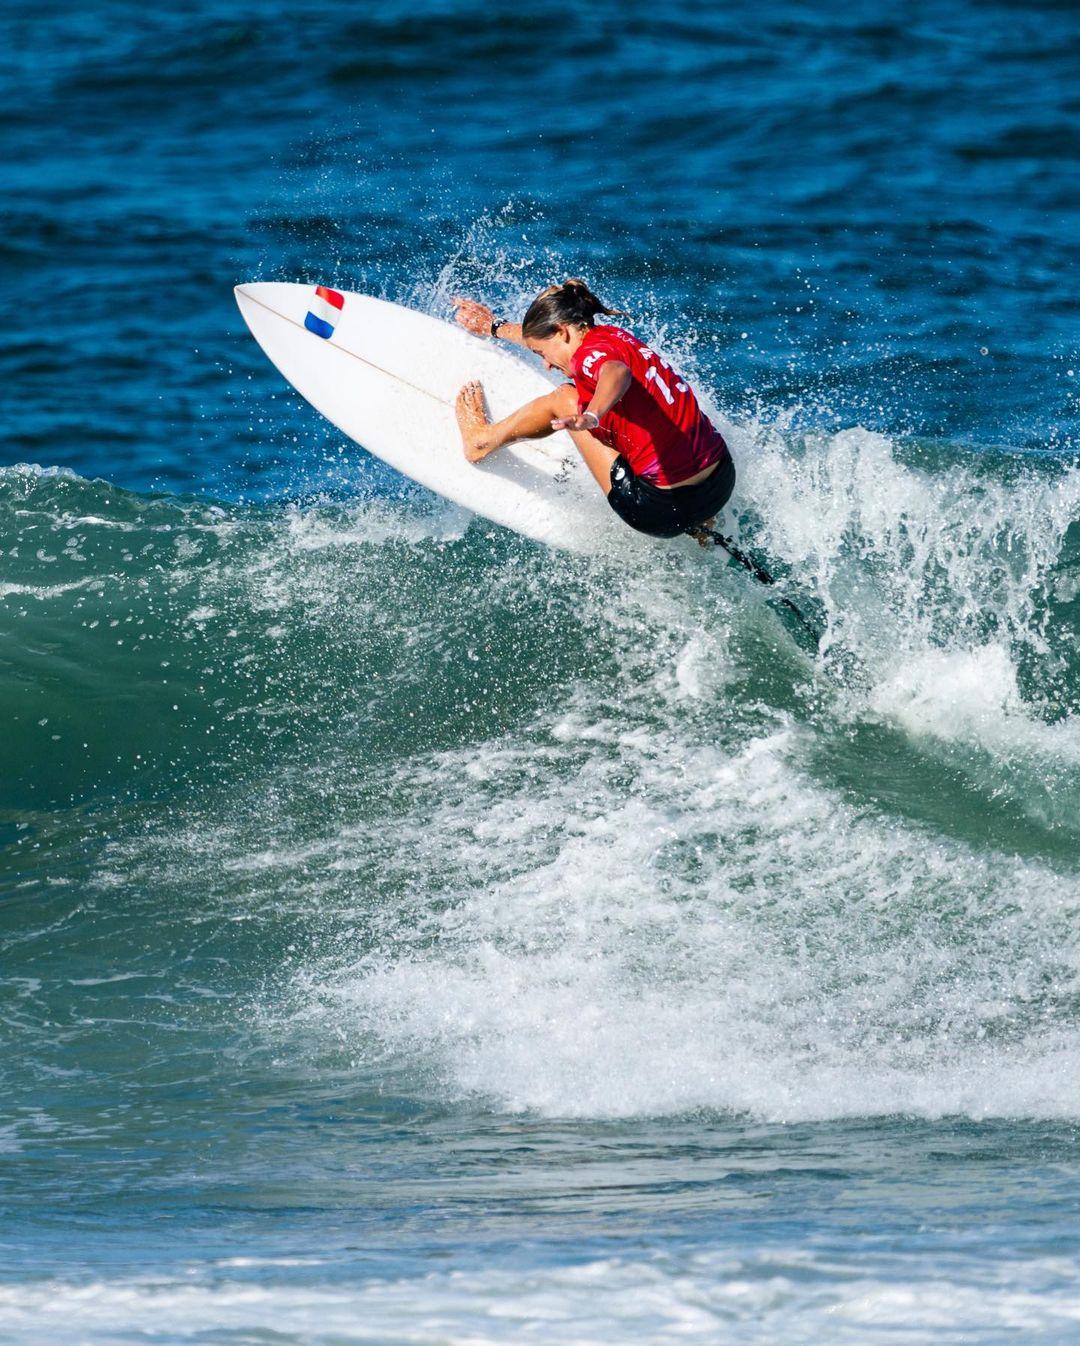 pauline ado johanne defay michel bourez et jérémy florès aux jeux olympique de tokyo 2020 surf